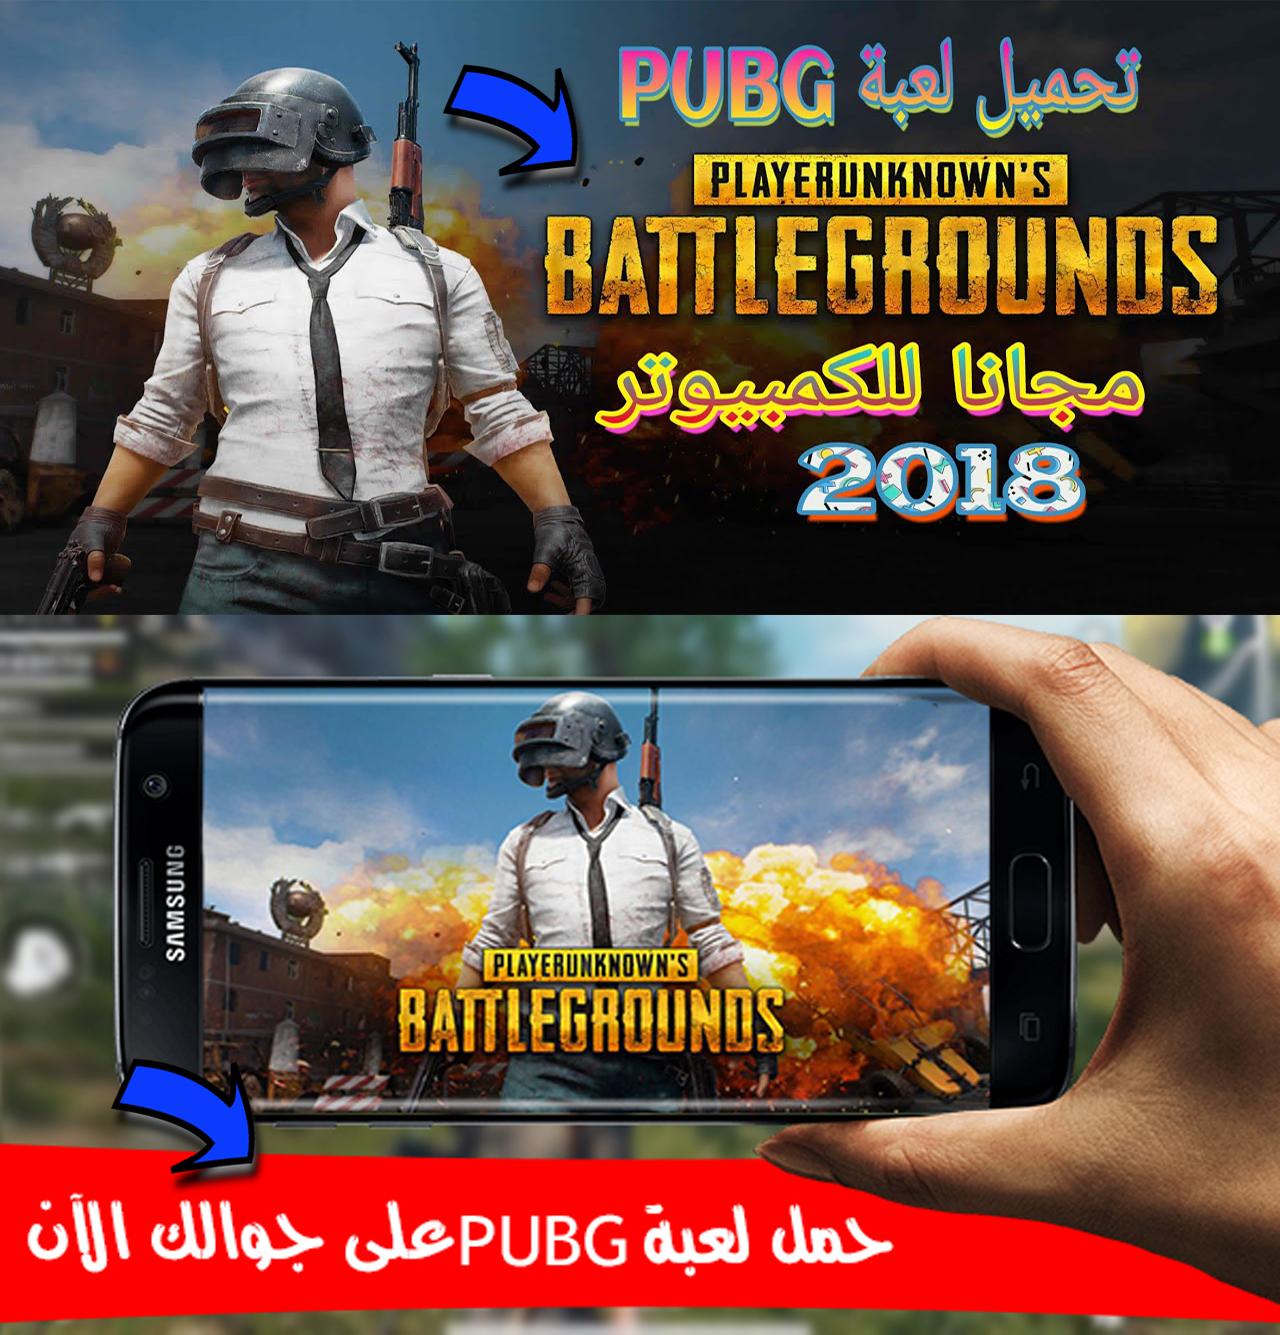 تحميل محاكي لعبة pubg mobile للكمبيوتر